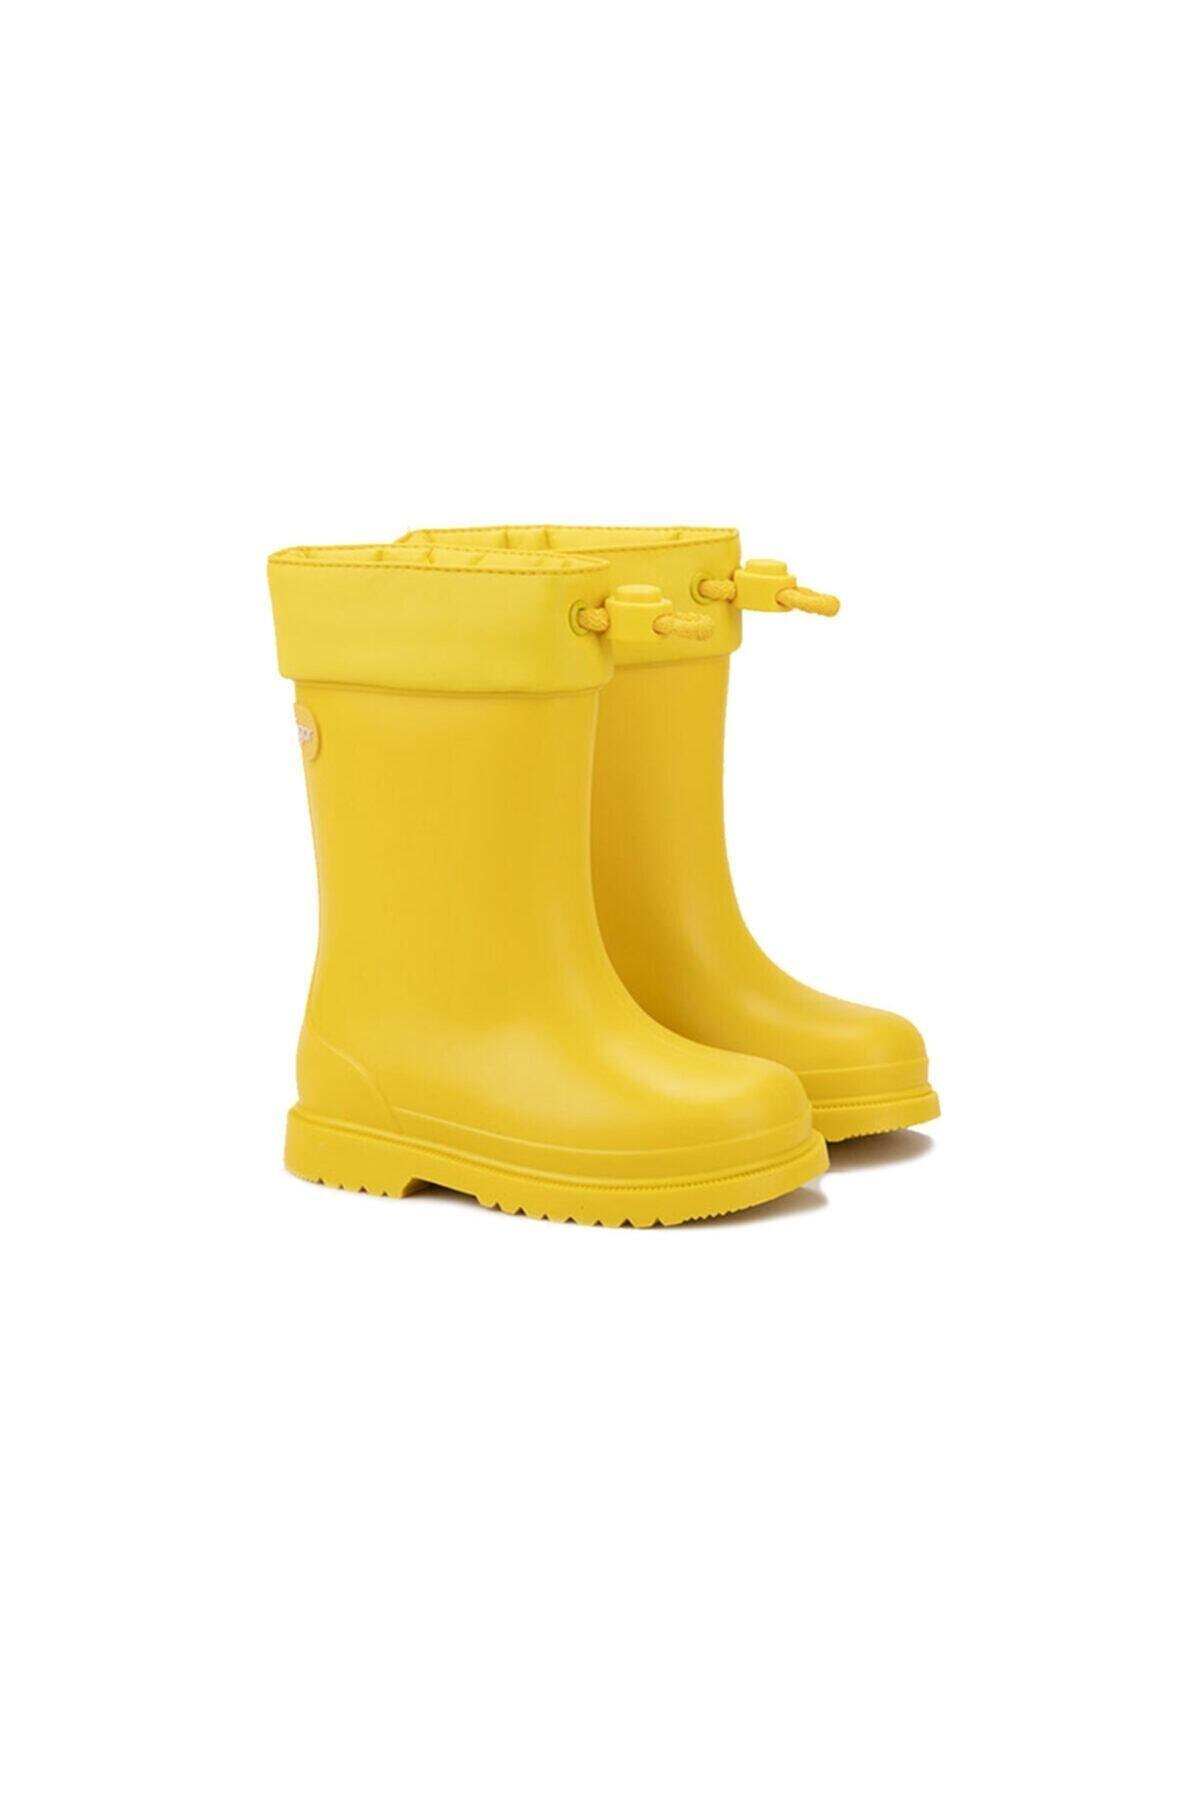 IGOR W10100 Chufo Cuello-008 Sarı Unisex Çocuk Yağmur Çizmesi 100386307 2